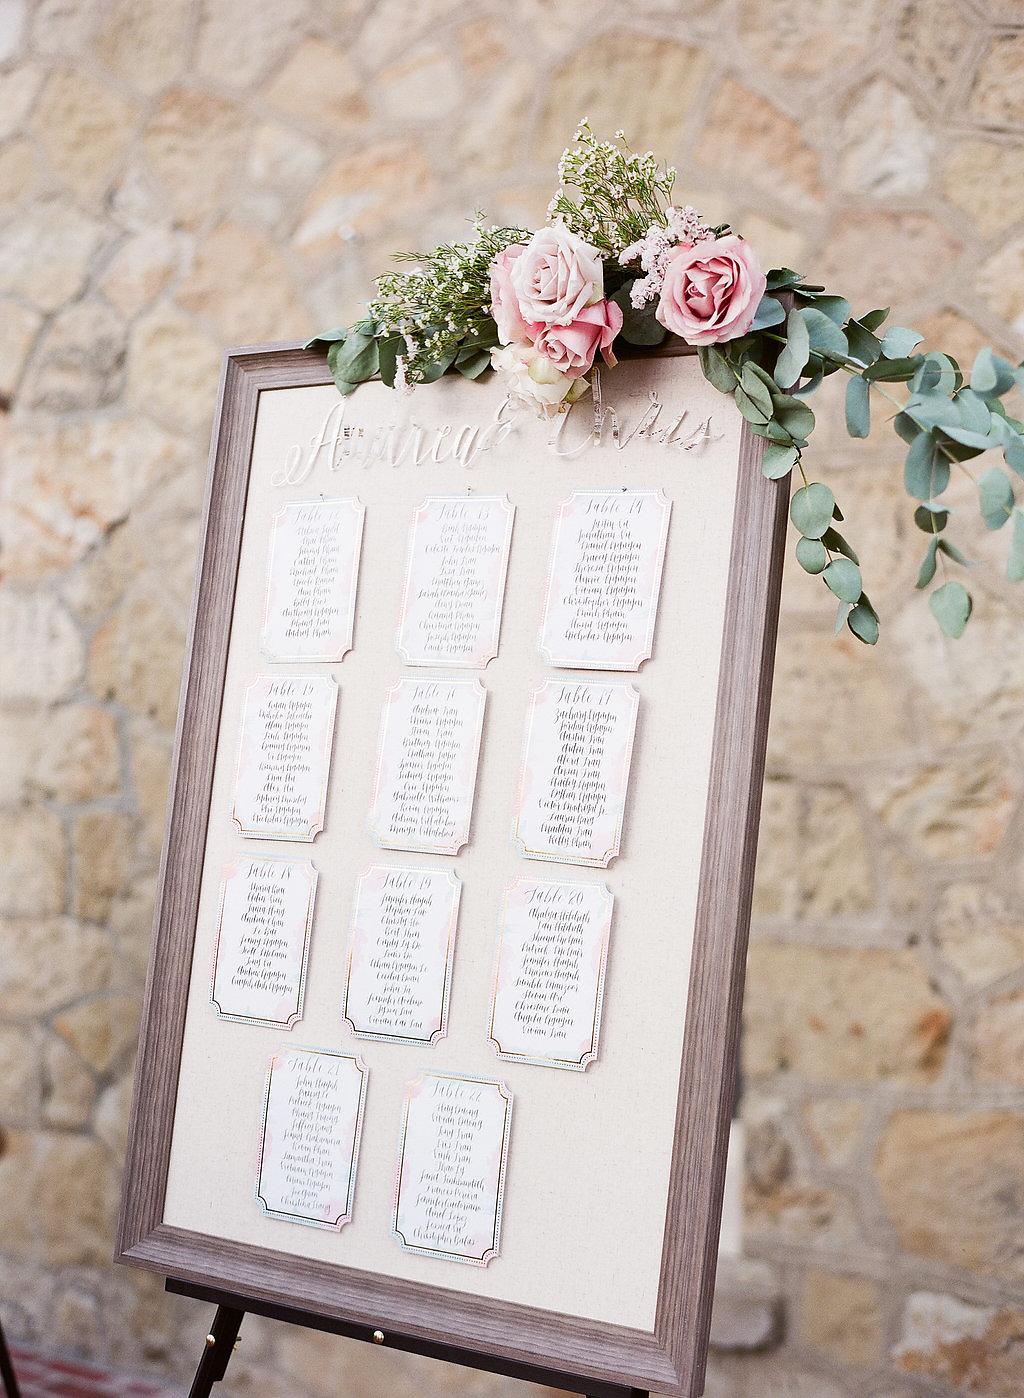 seating-chart-winery-wedding-JennySoiPhotography.jpg